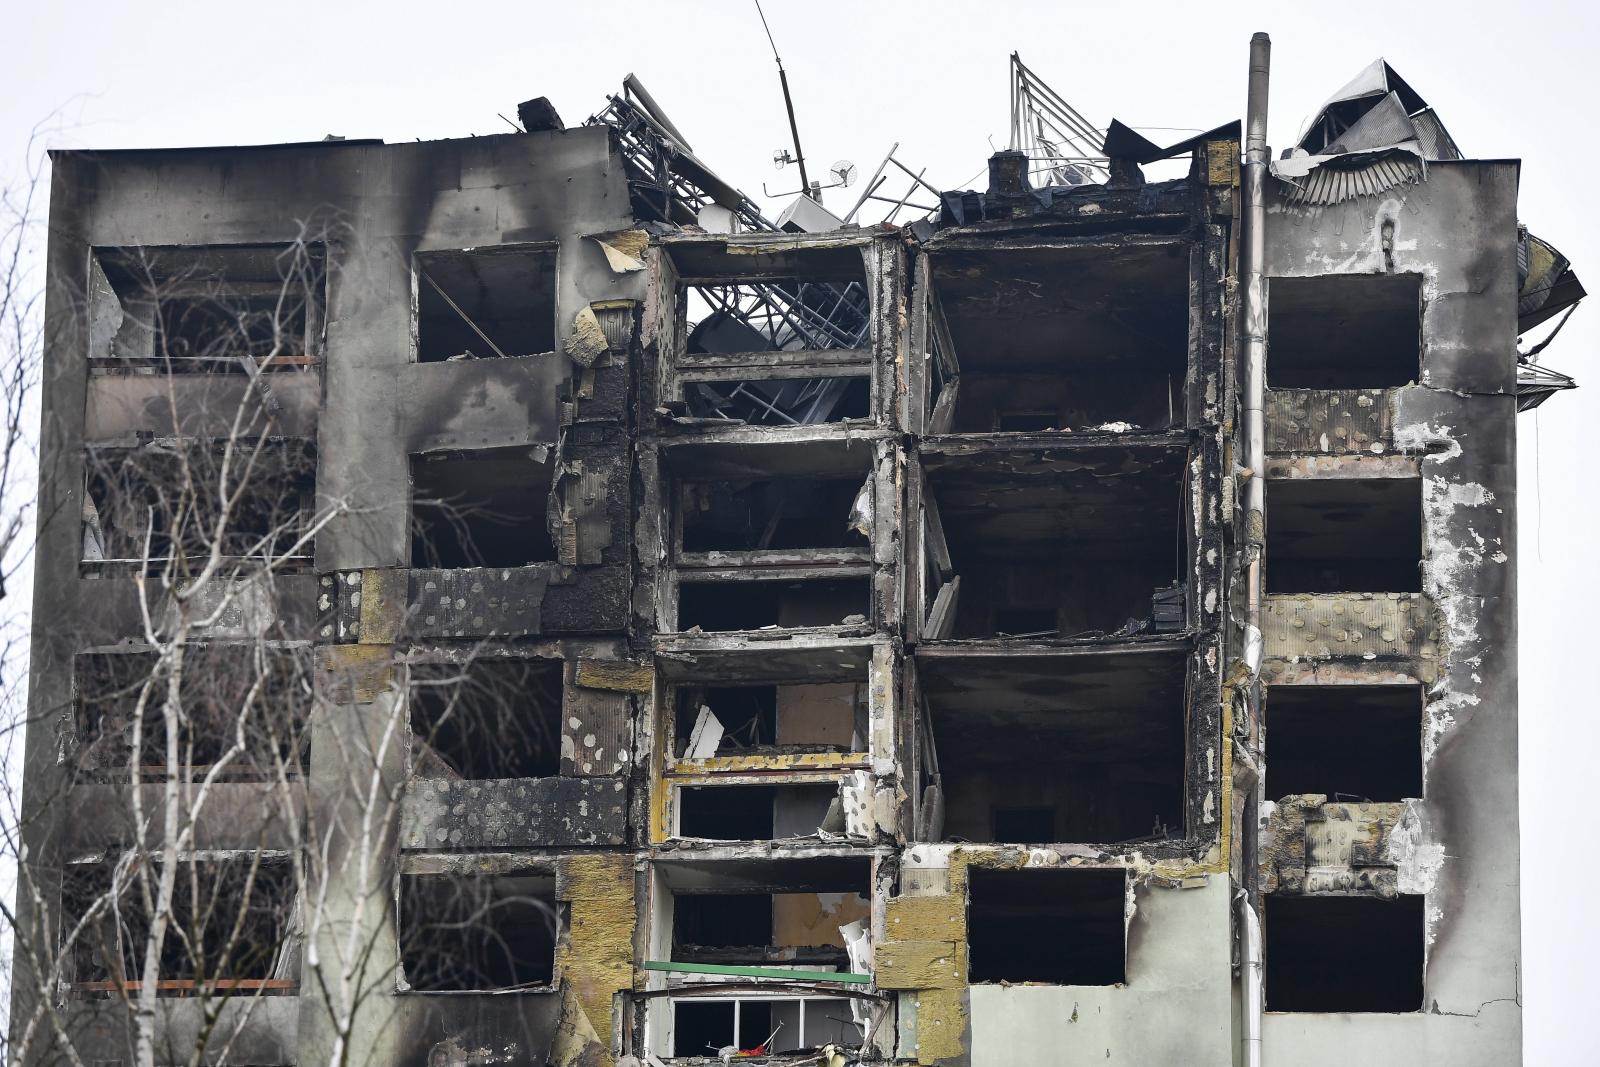 Słowacja - wieżowiec zniszczony po wybuchu gazu EPA/ZSOLT CZEGLEDI